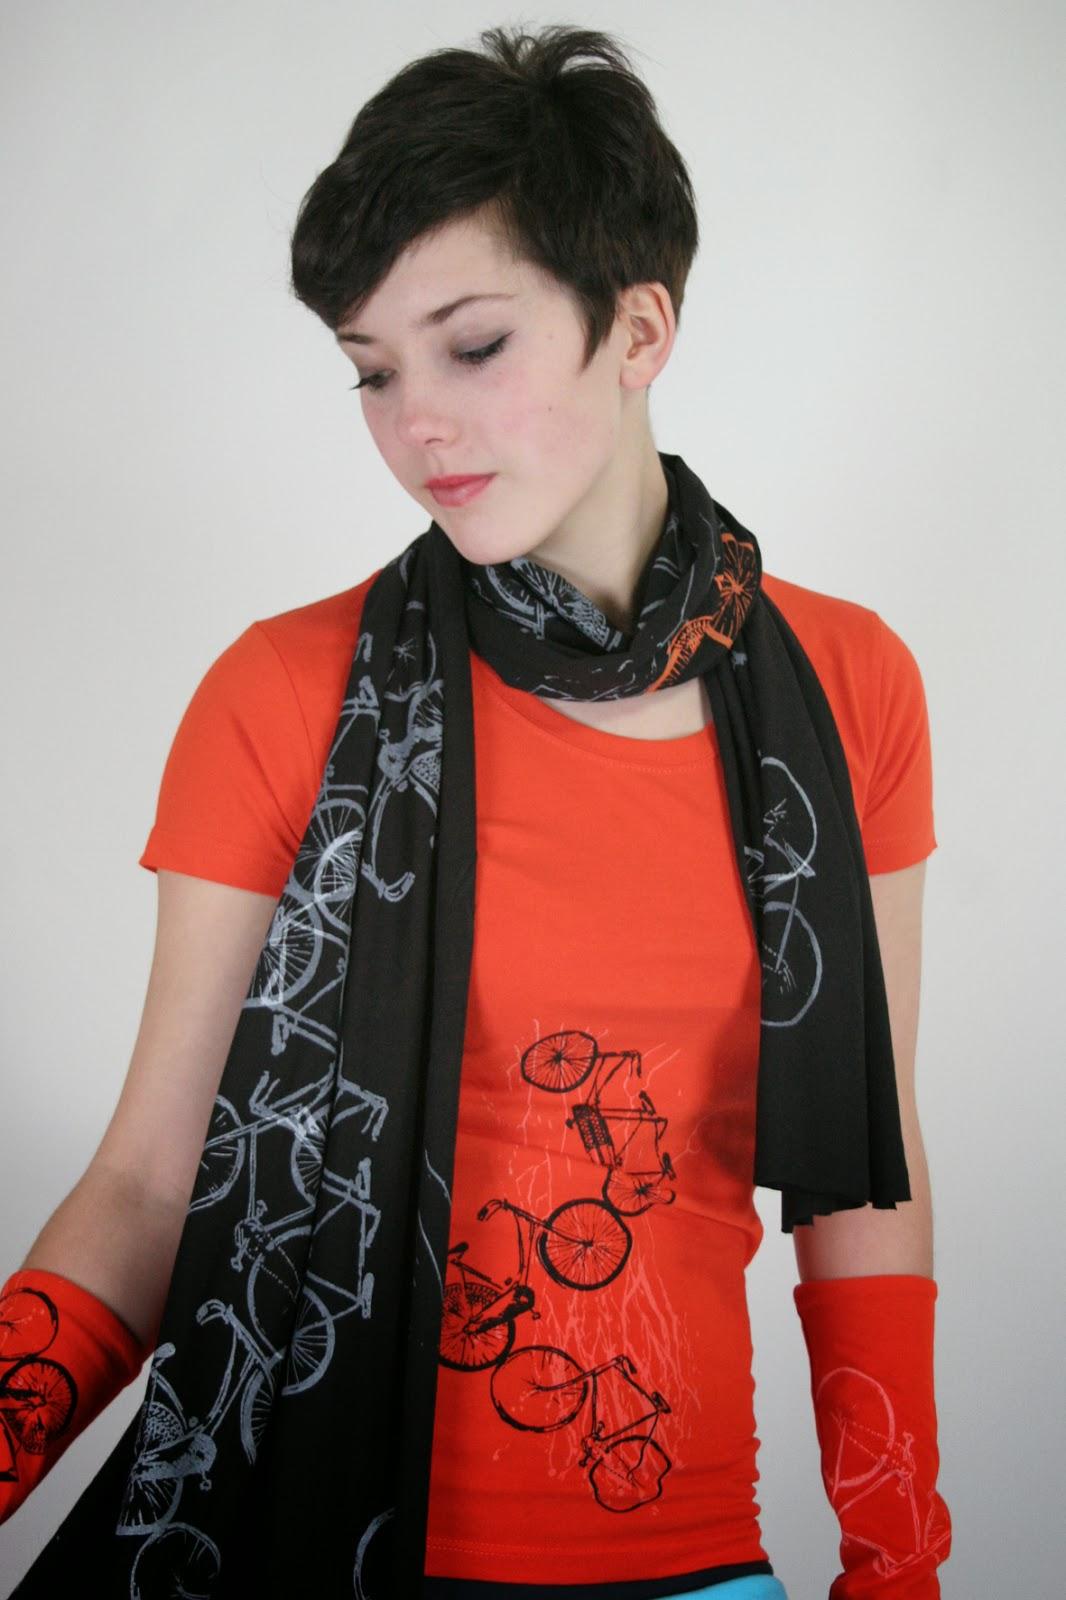 Schwarzer Schal mit Fahrrädern bedruckt